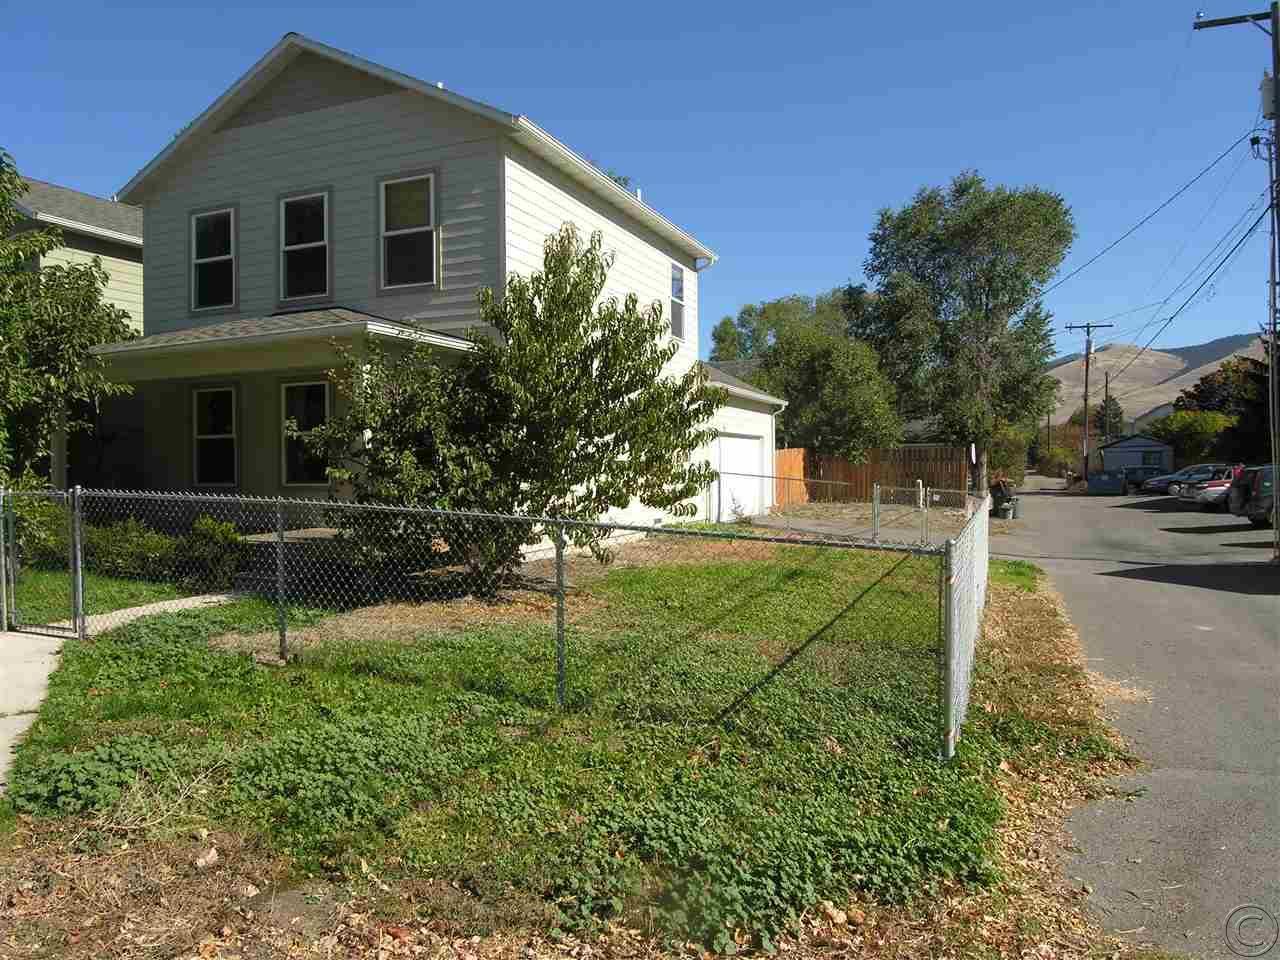 1514 Kemp St, Missoula, MT 59801